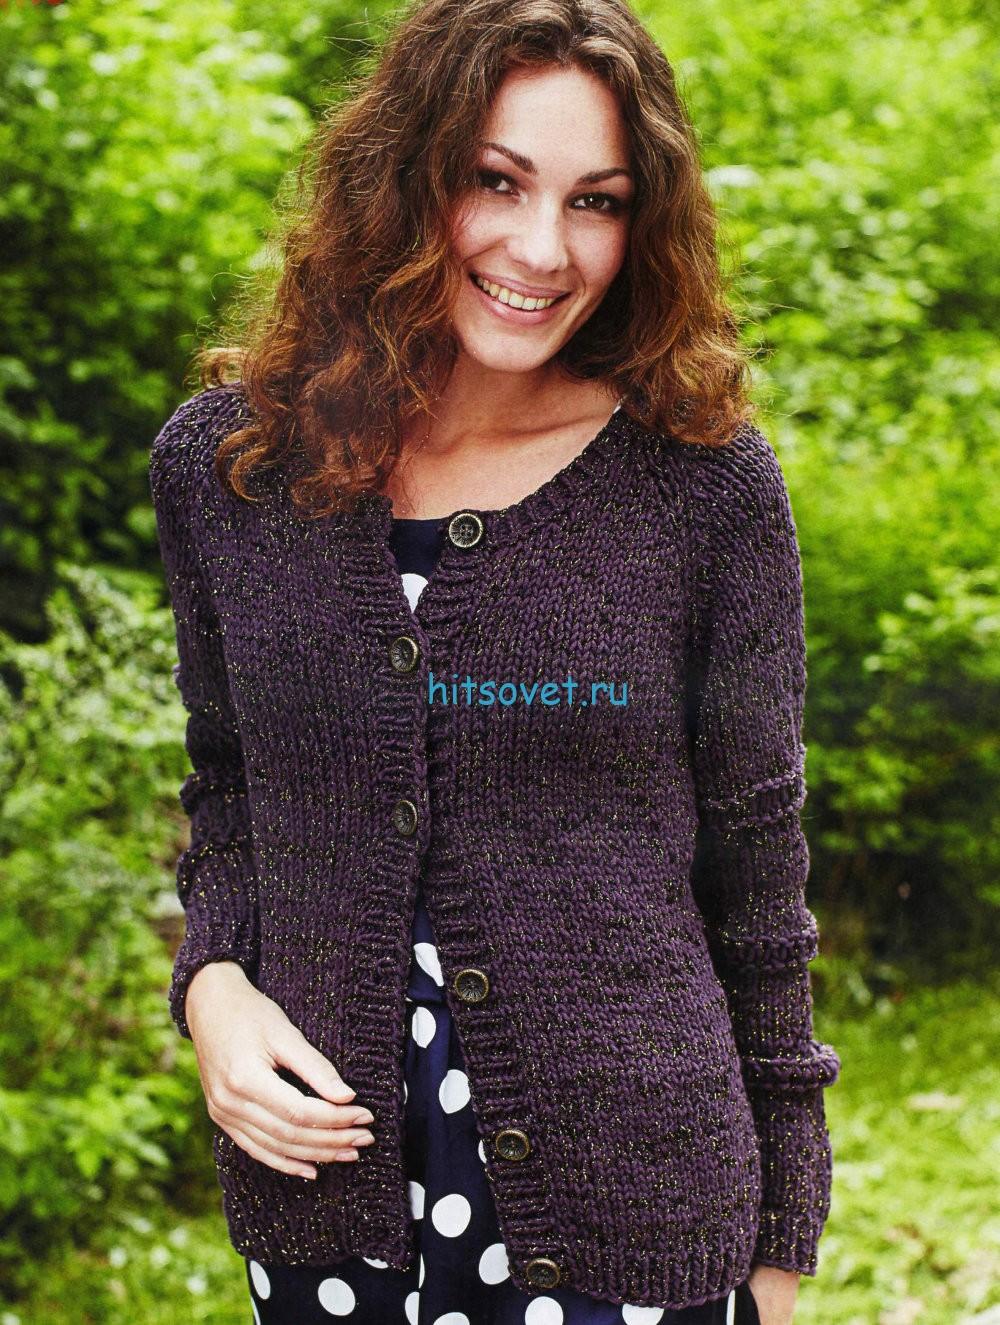 Вязаный жакет, жакет без пуговиц, вязание, вязание для женщин 18